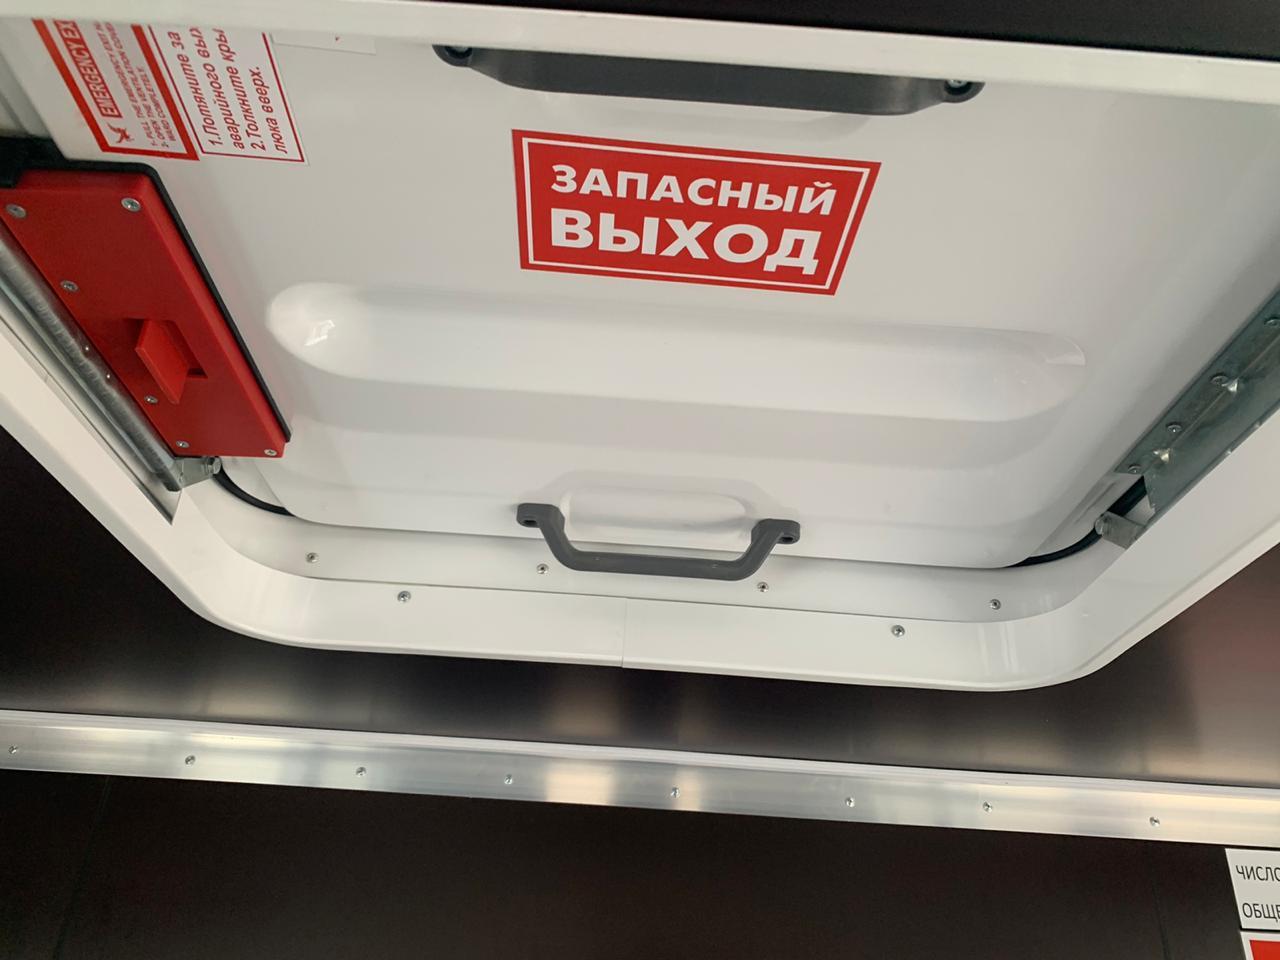 Вахтовый автобус Садко Некст